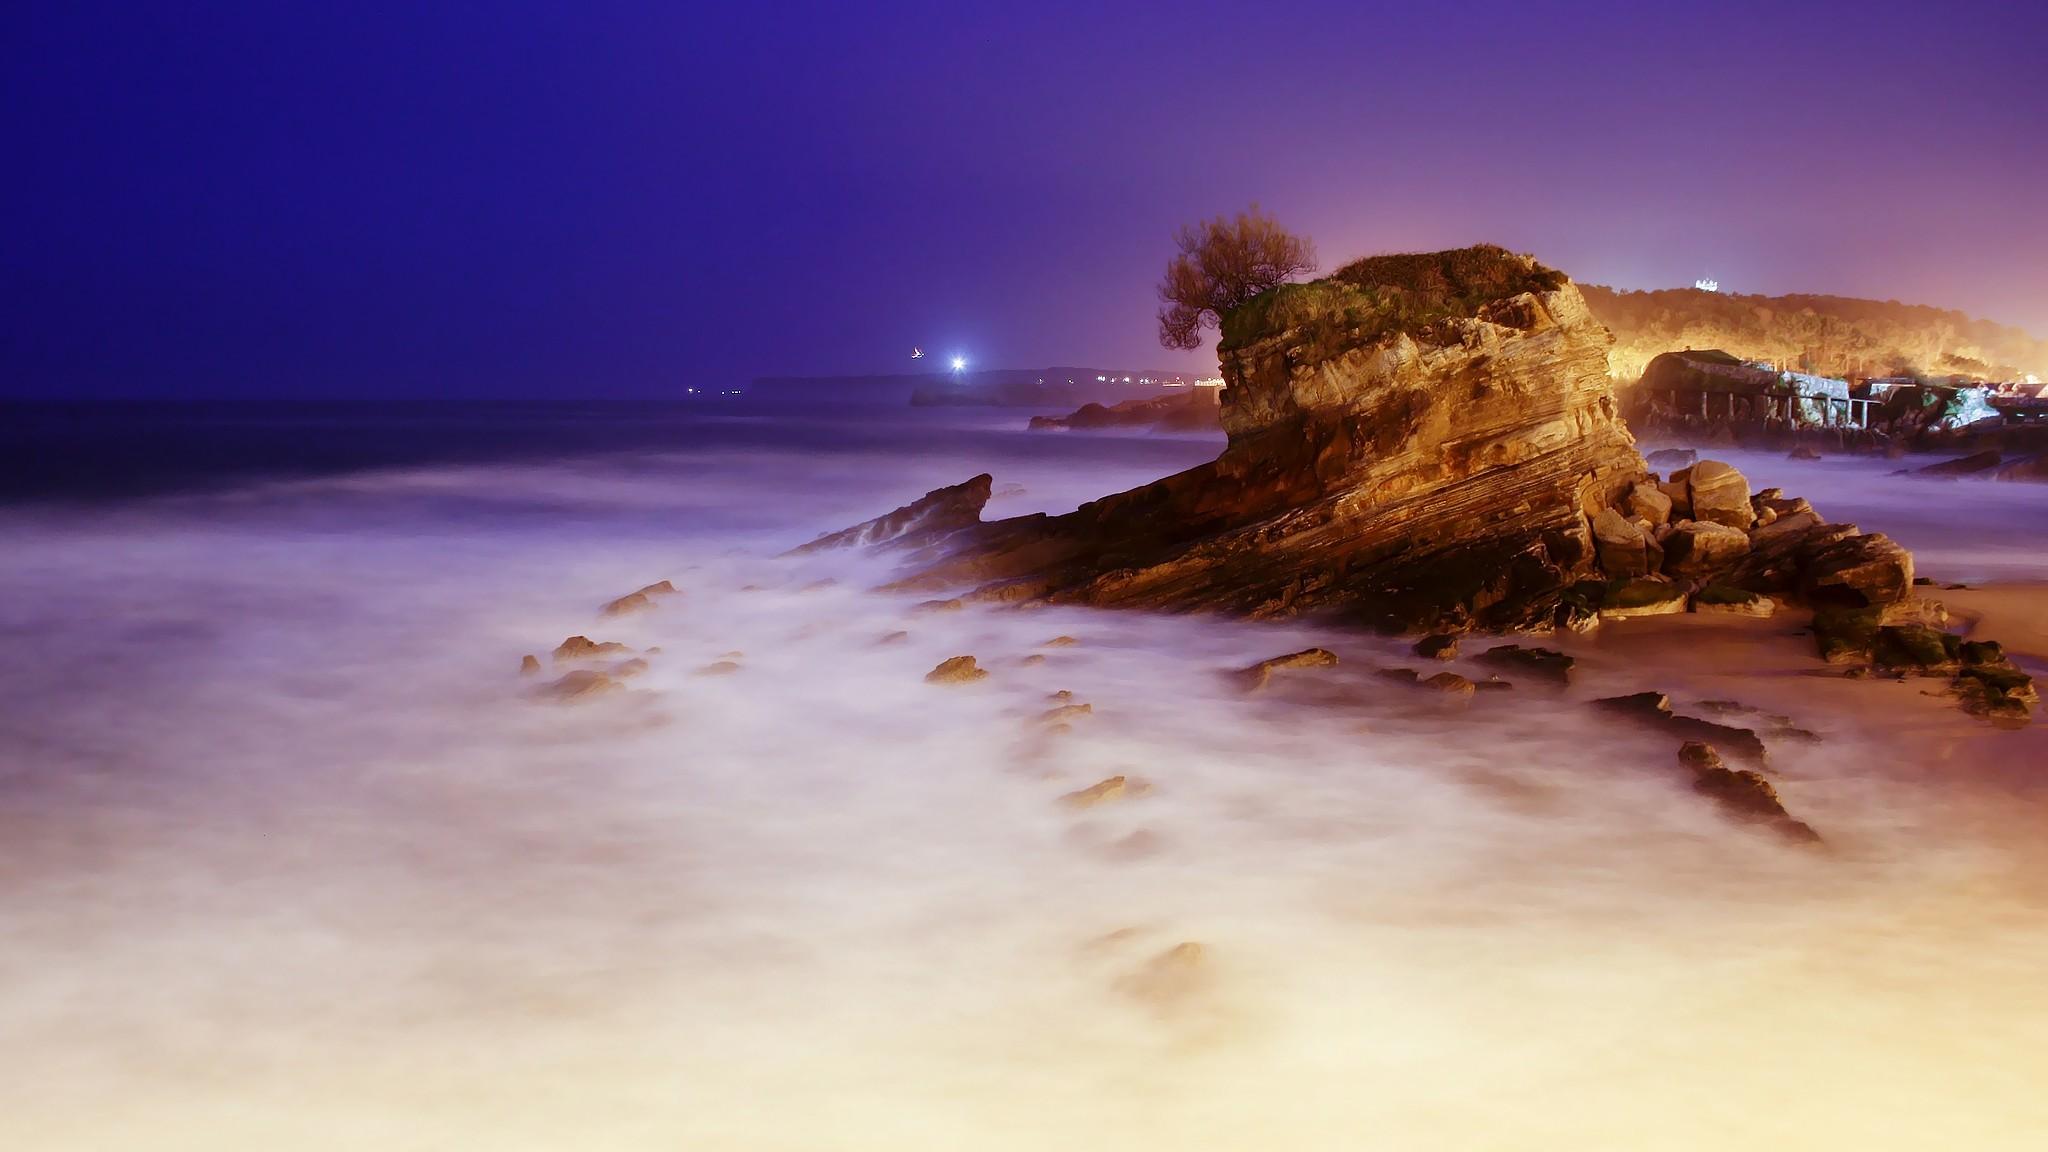 Night  The Sea  Cliffs  HD Wallpaper